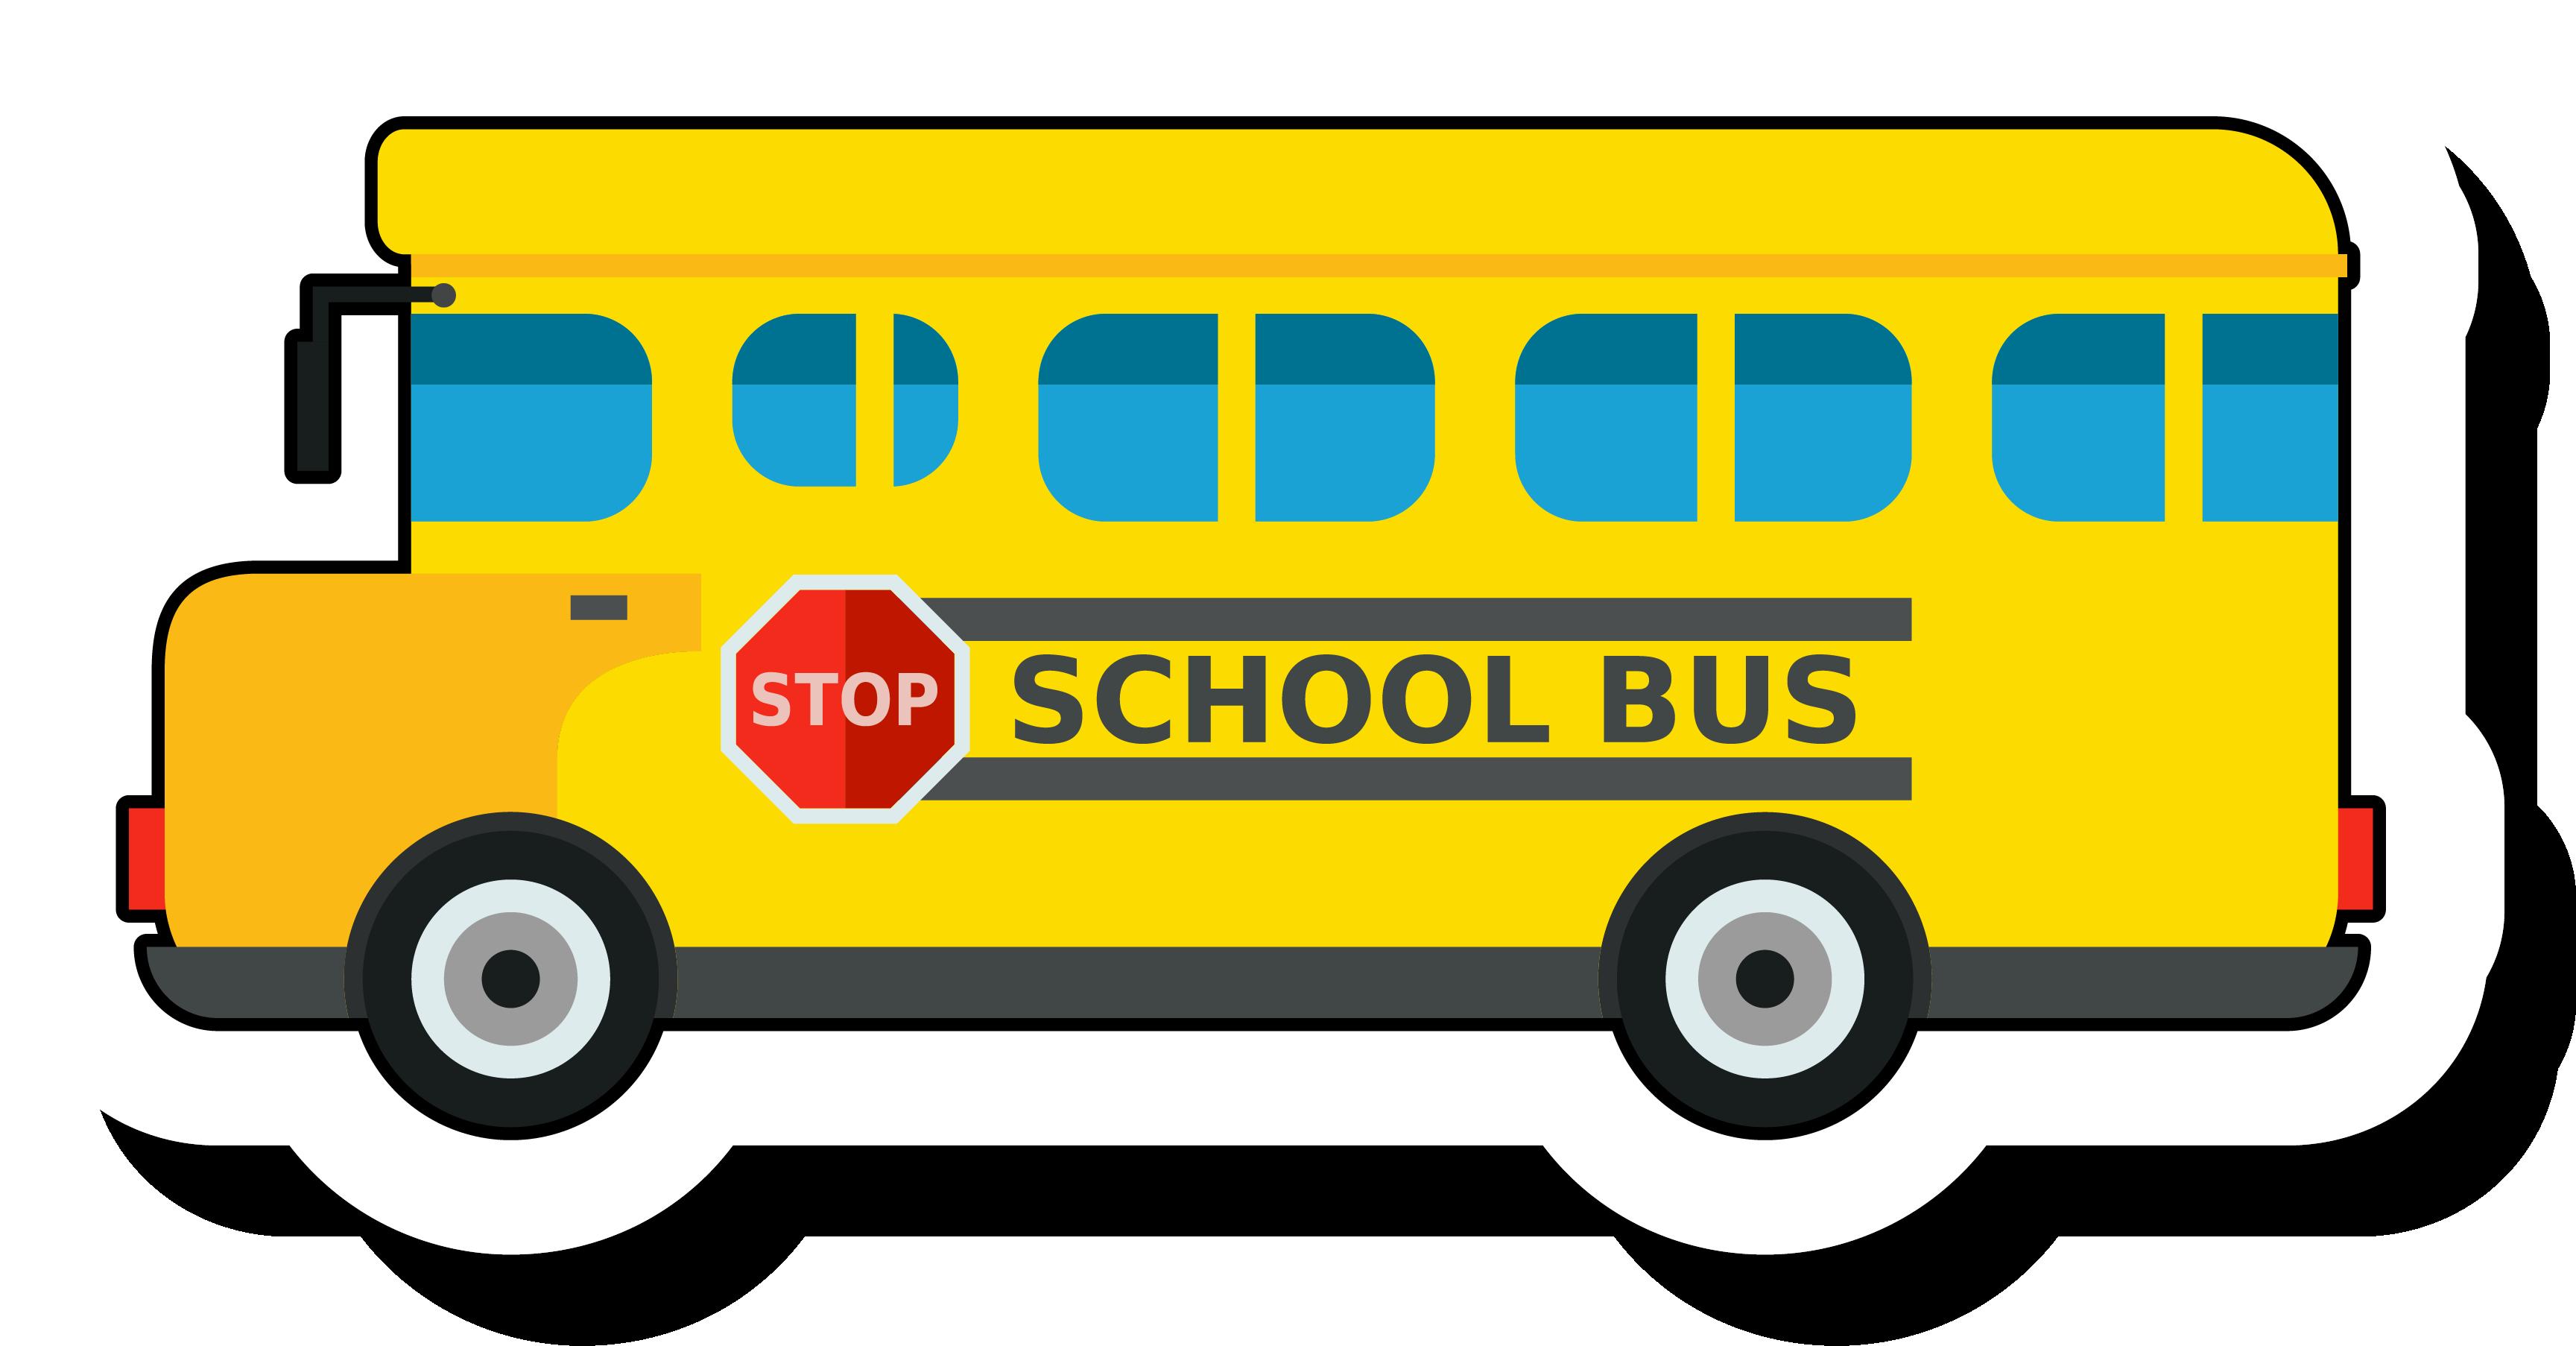 Christmas school bus clipart clip transparent School bus Clip art - Golden bus school sticker 3457*1806 transprent ... clip transparent